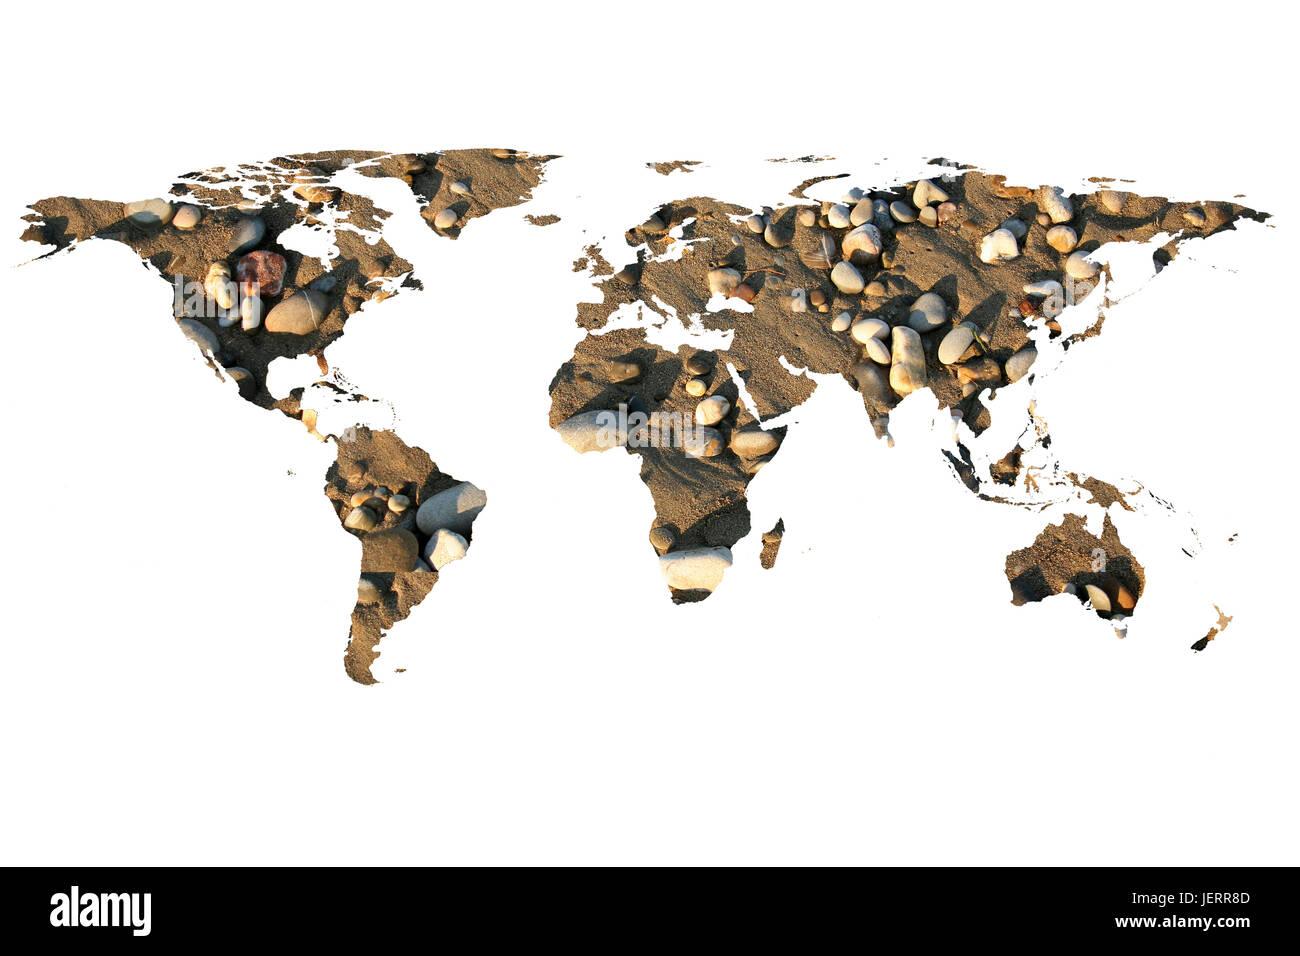 Mapa del mundo plano aislado y piedras. NASA mapa del mundo plano imagen es usado para suministrar esta imagen. Imagen De Stock